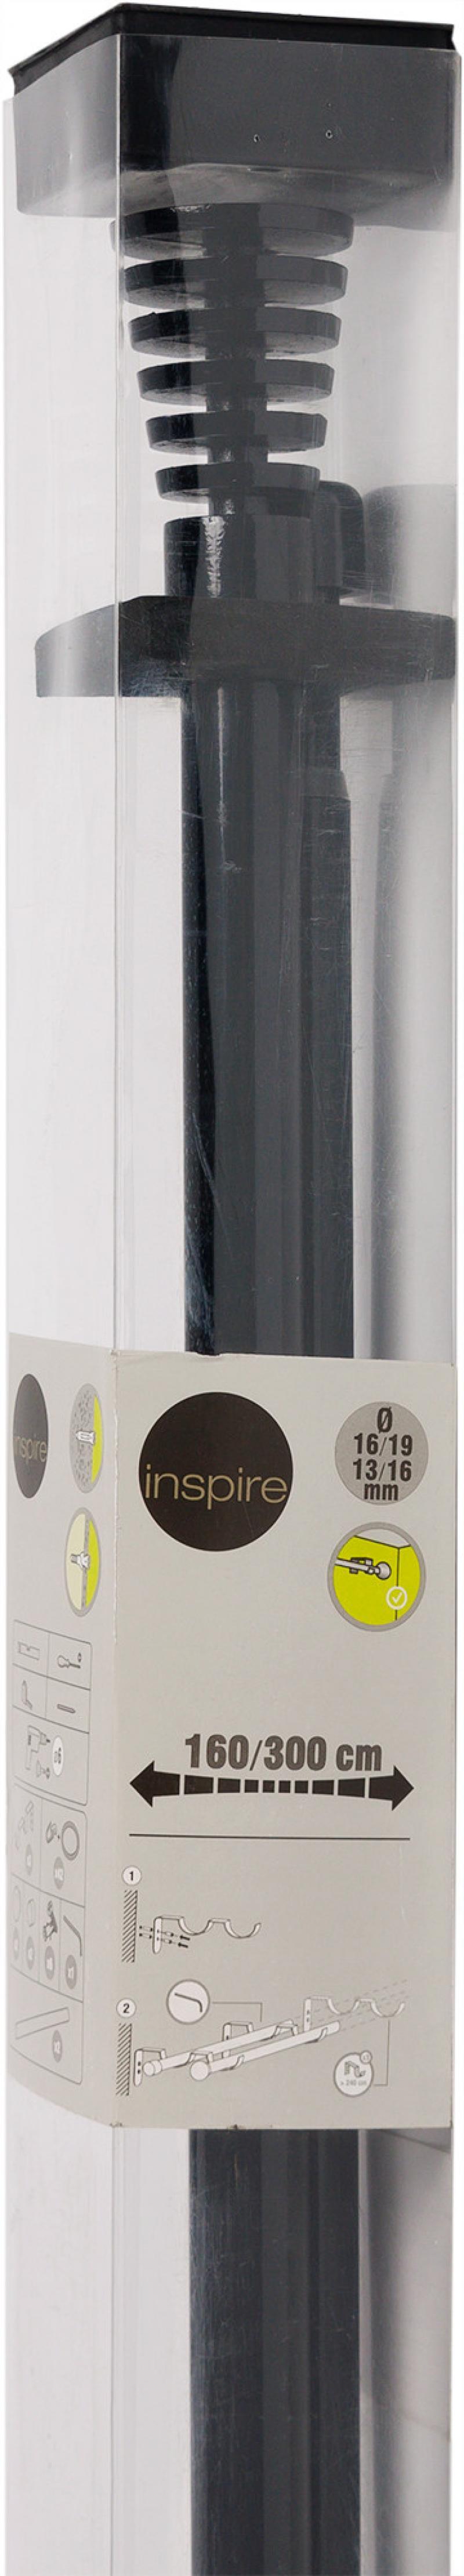 Карниз двухрядный раздвижной «Трапеция», 160-300 см, цвет чёрный